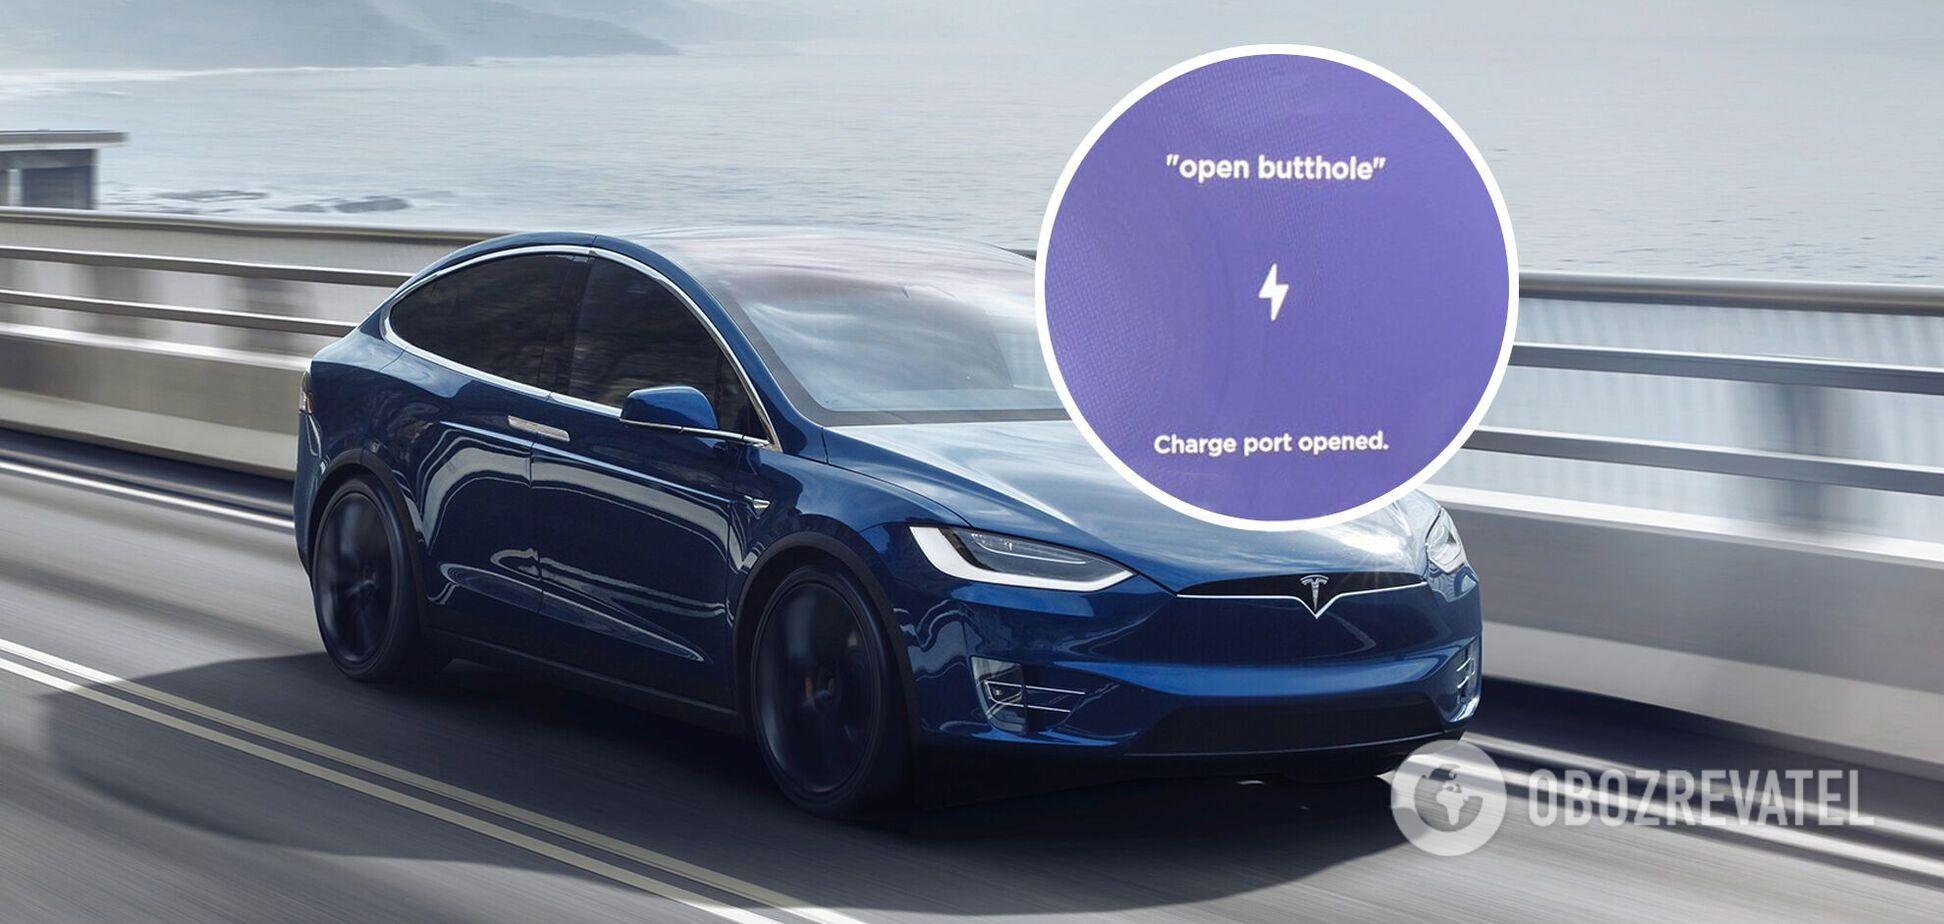 Tesla відгукнулася на непристойну команду: люди із захопленням тестують її на відео